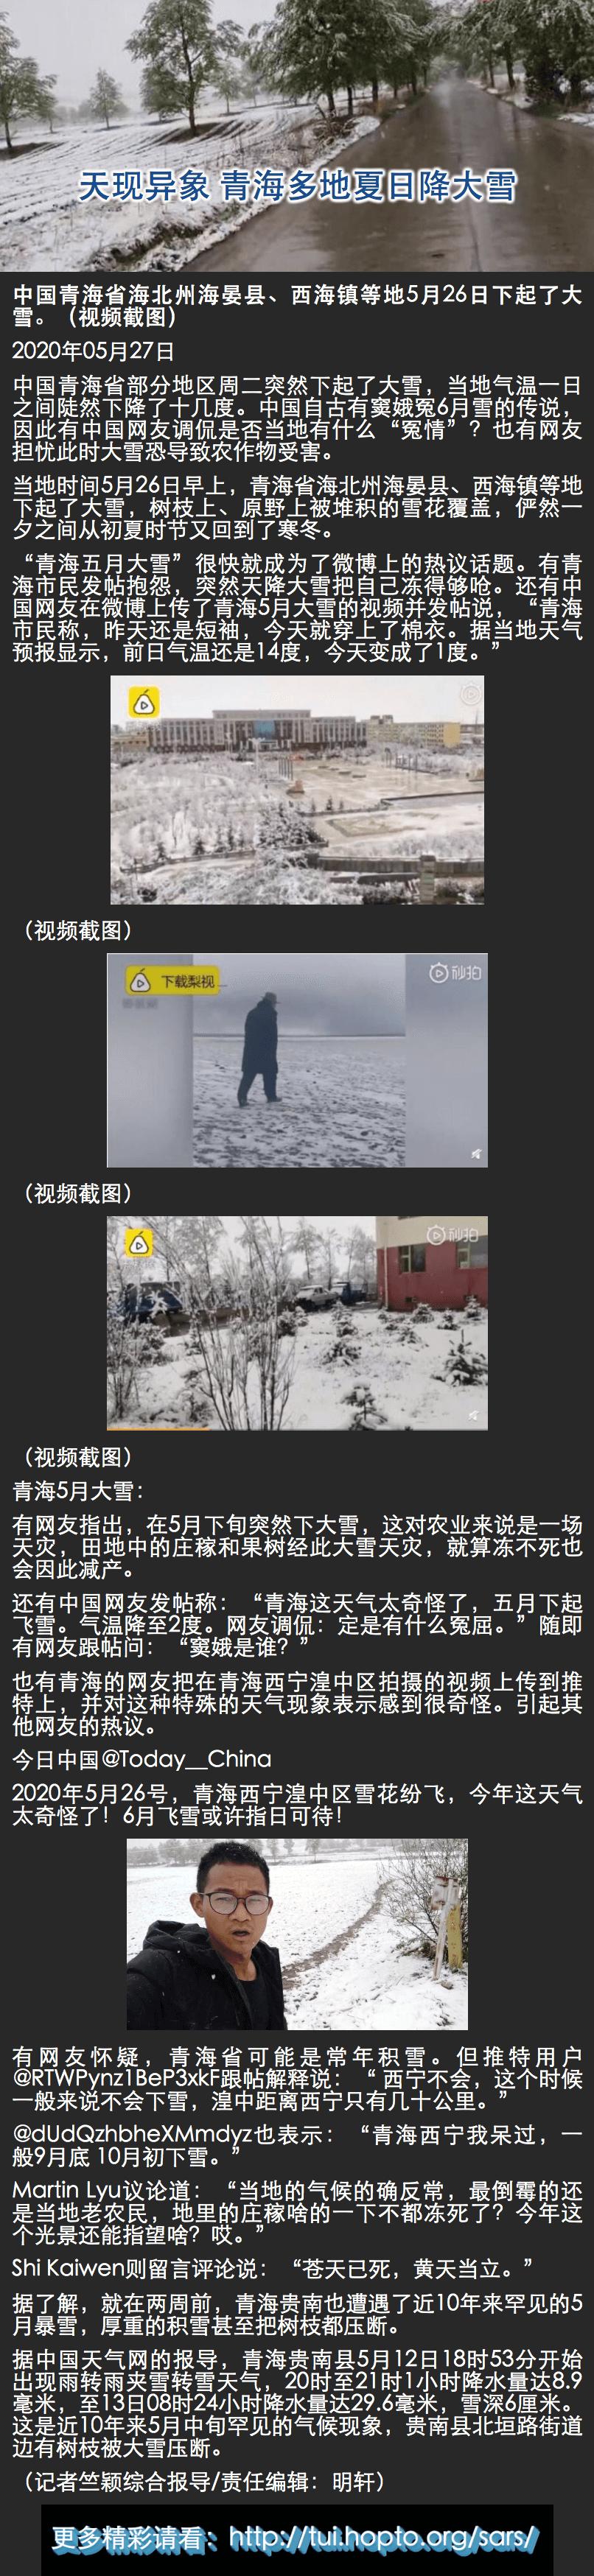 天现异象 青海多地夏日降大雪